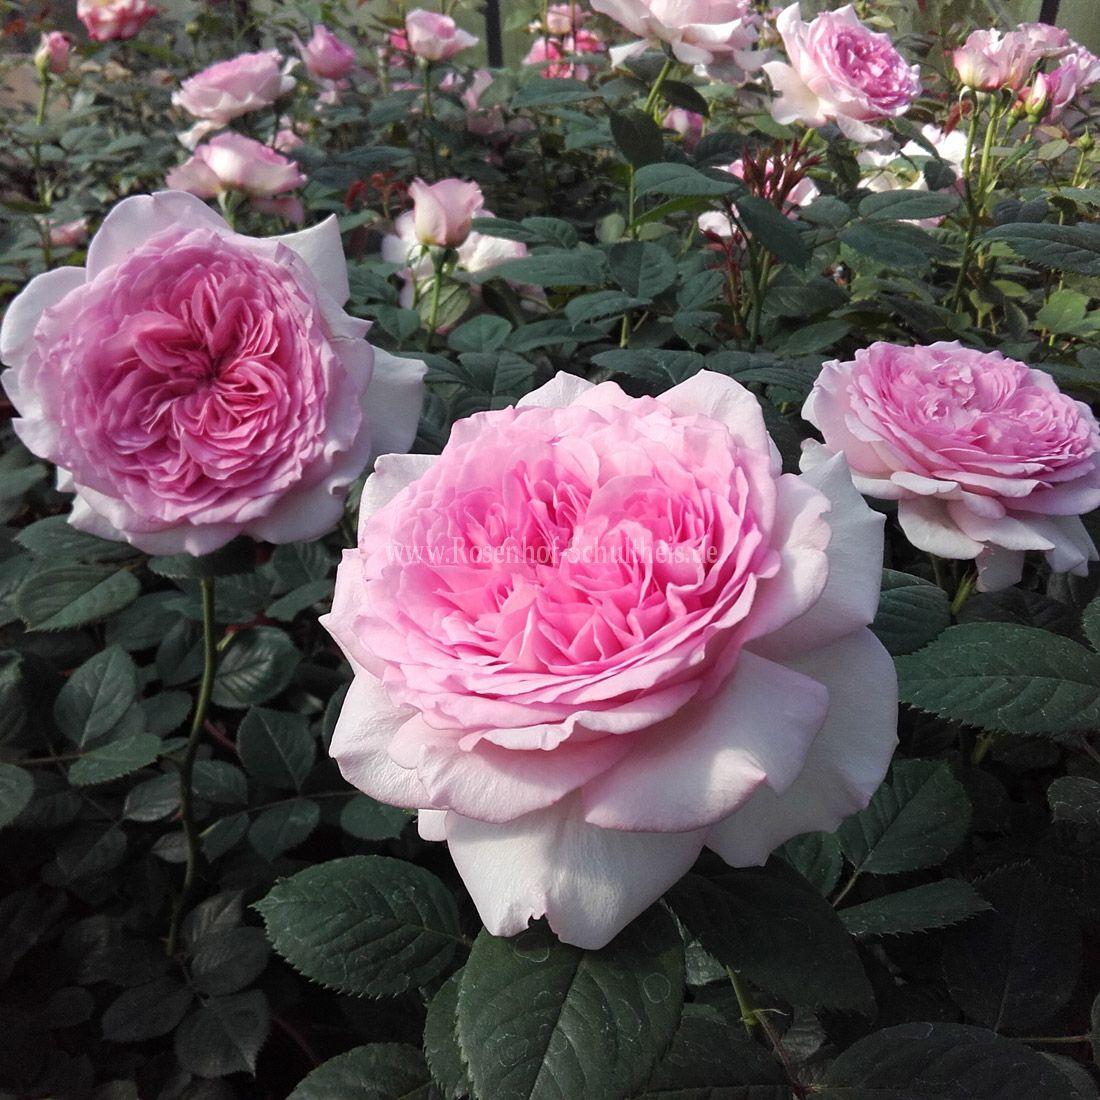 manuela schultheis rosen online kaufen im rosenhof schultheis rosen online kaufen im. Black Bedroom Furniture Sets. Home Design Ideas